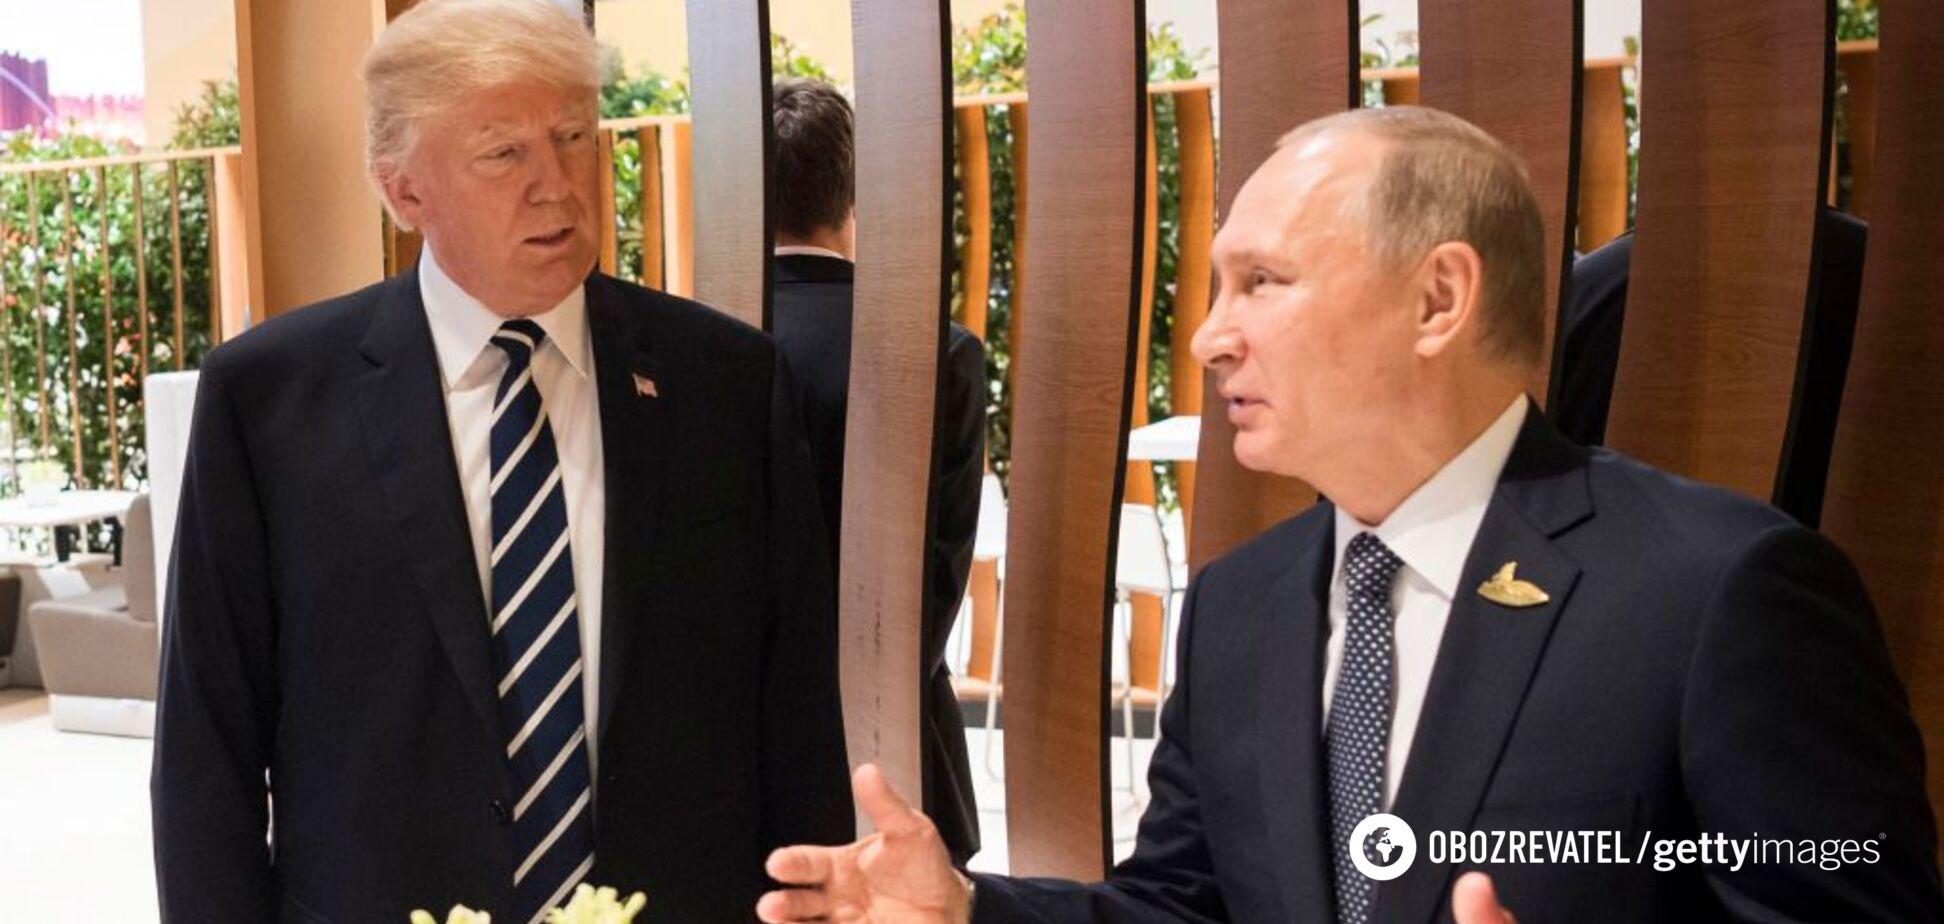 Трамп мог бы выдать американские паспорта россиянам